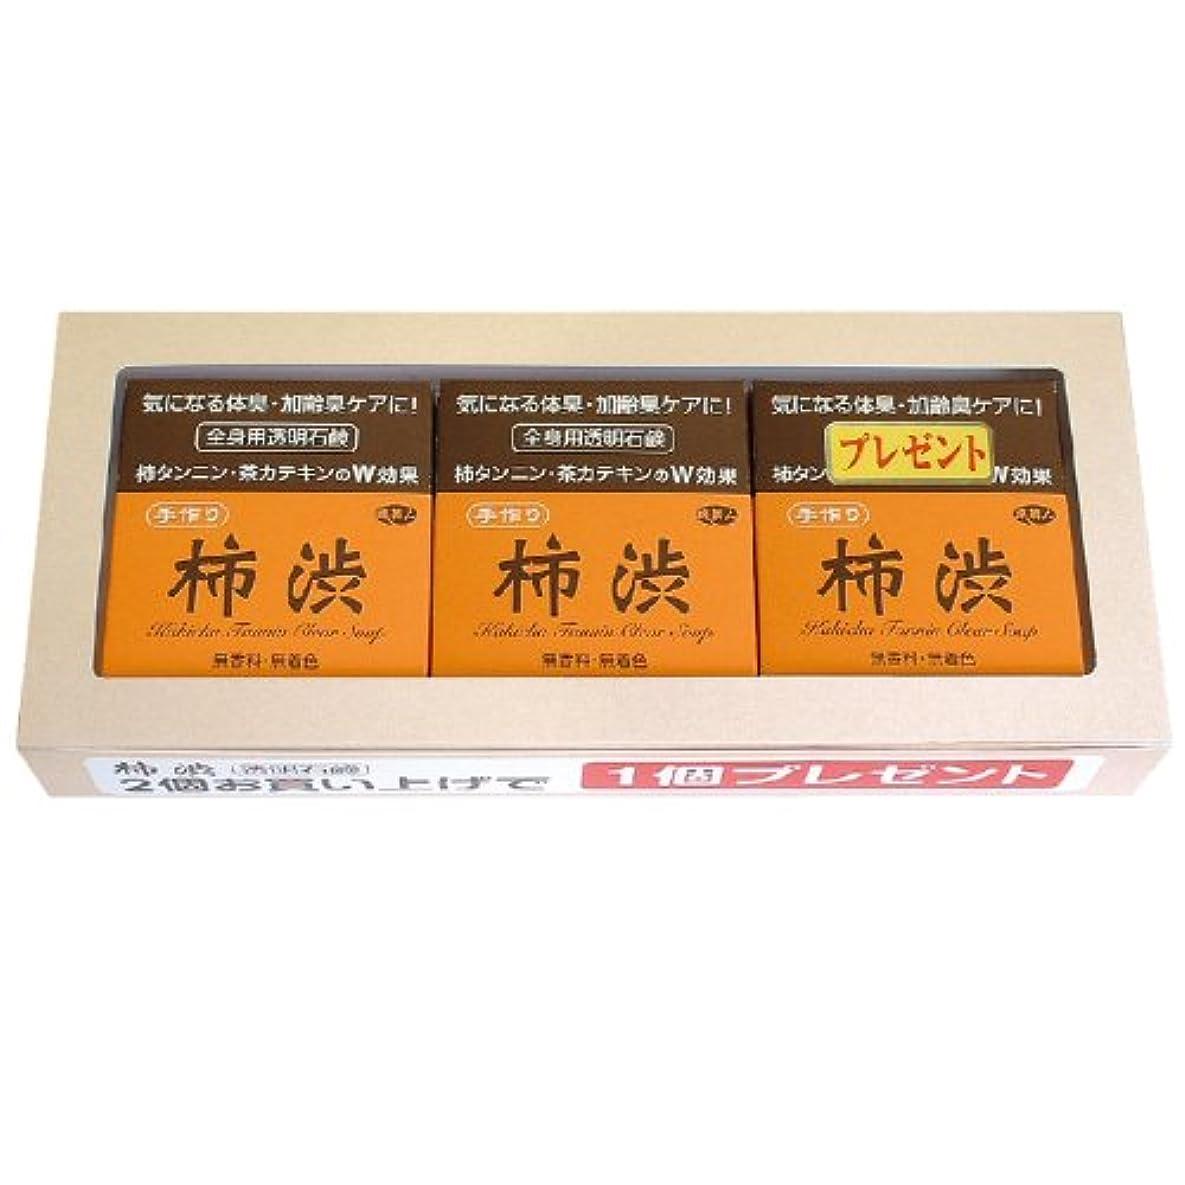 無意識スケートアズマ商事の 柿渋透明石鹸 2個の値段で3個入りセット